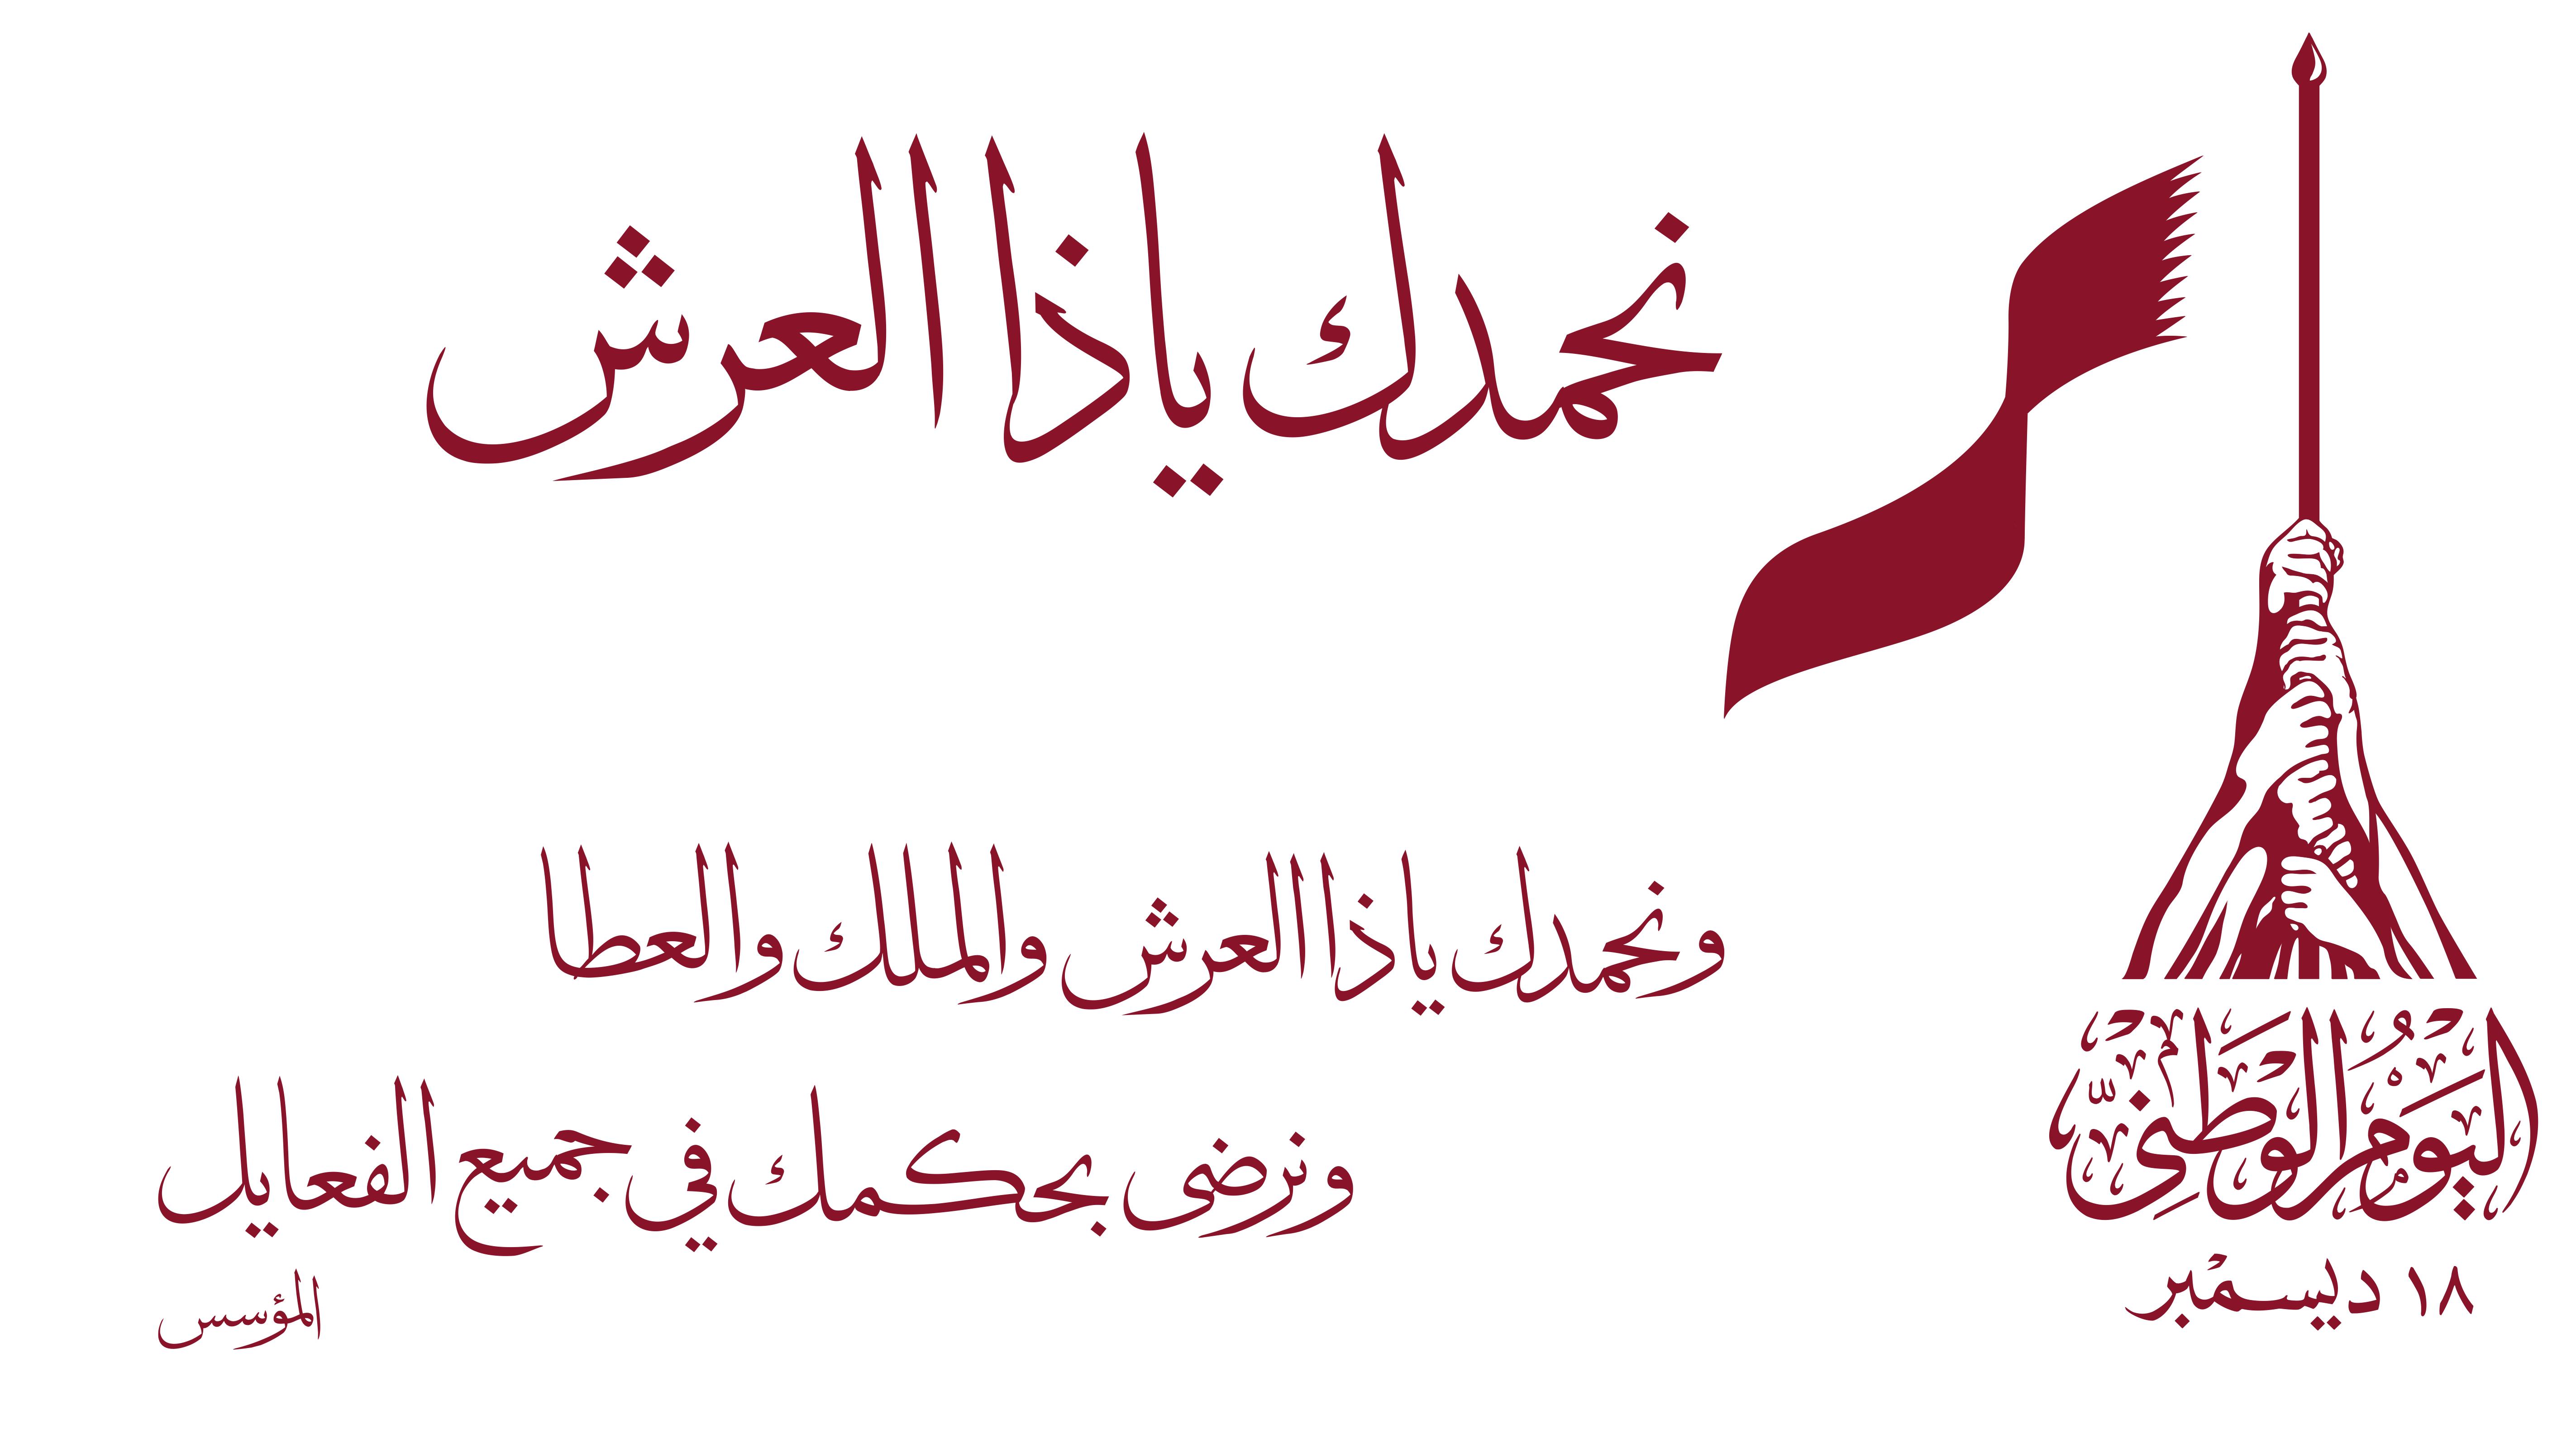 هوية وشعار اليوم الوطني القطري  2020